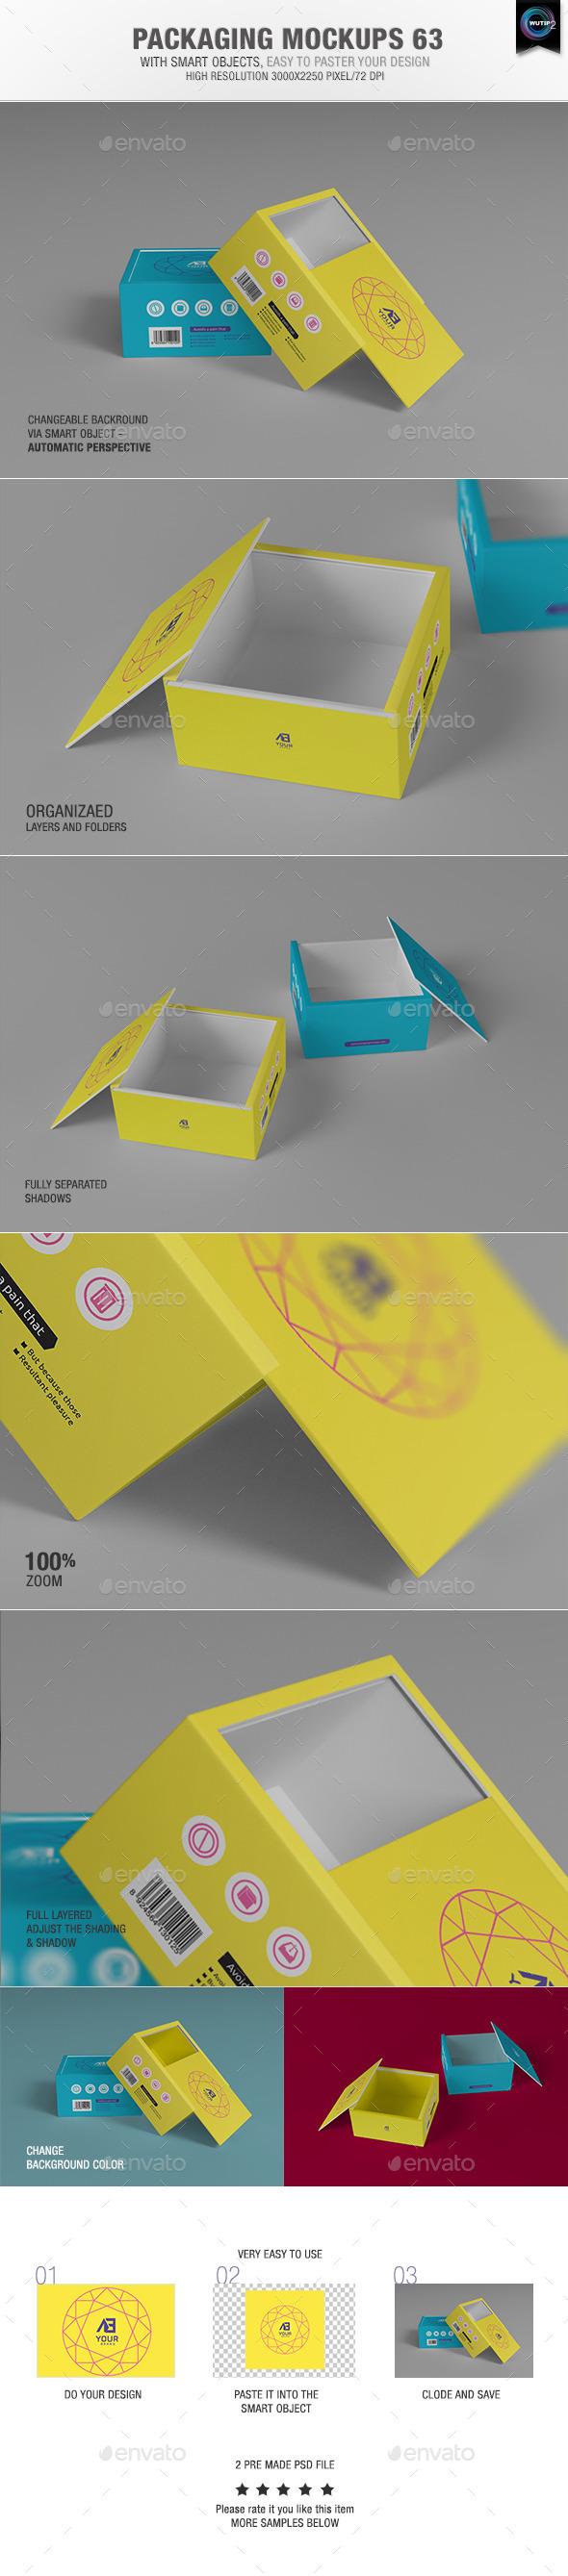 Packaging Mock-ups 63 - Packaging Product Mock-Ups